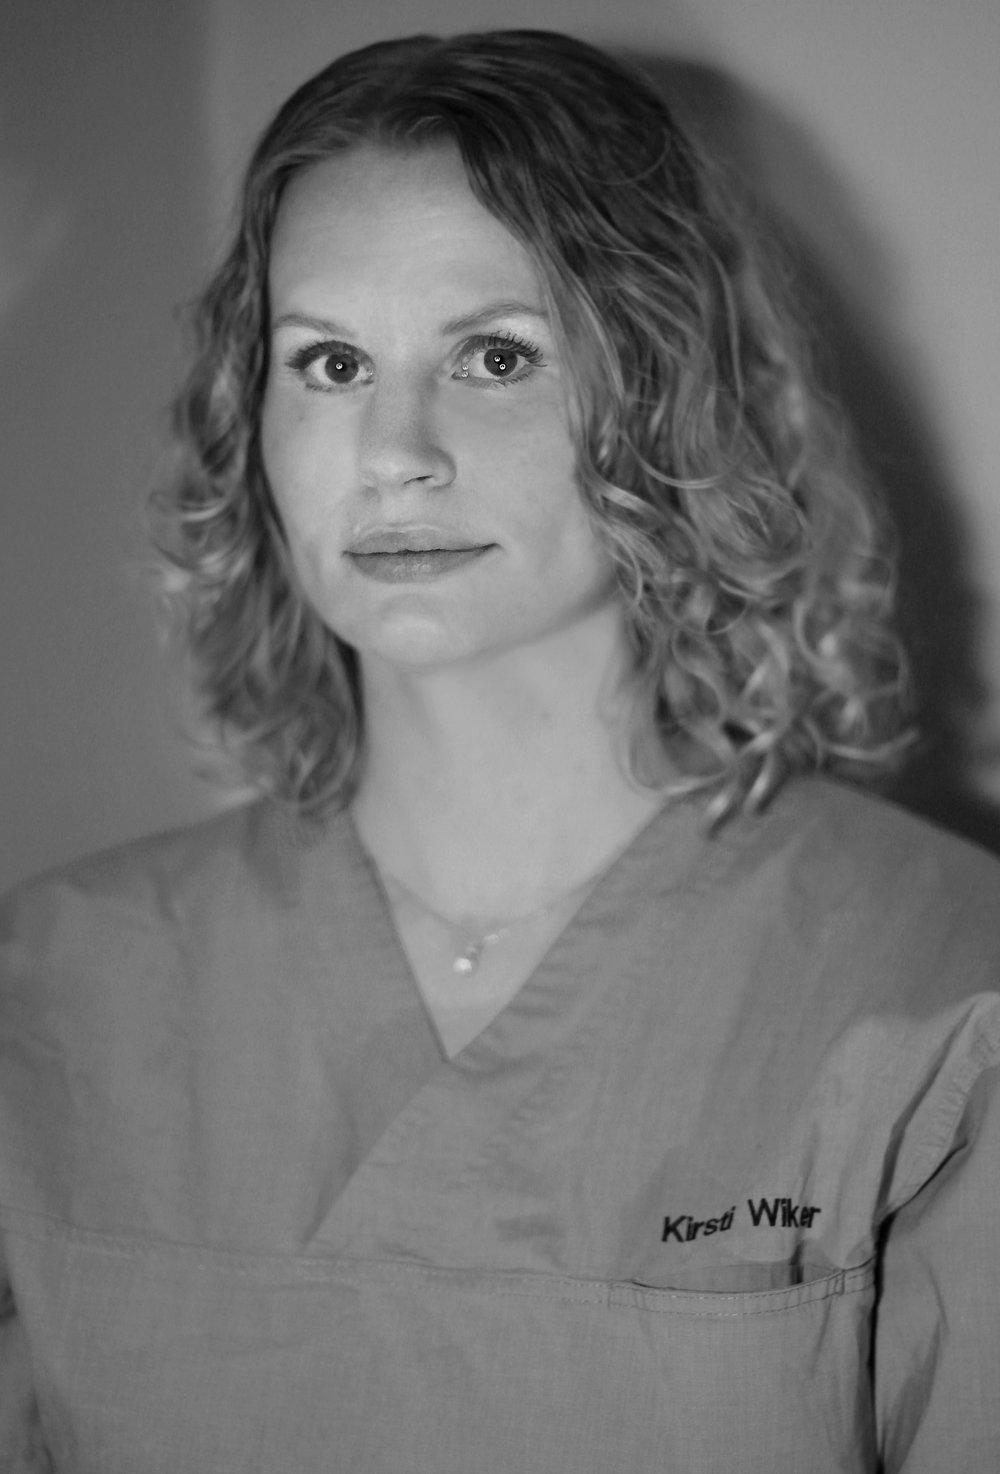 Kirsti W. Johansen